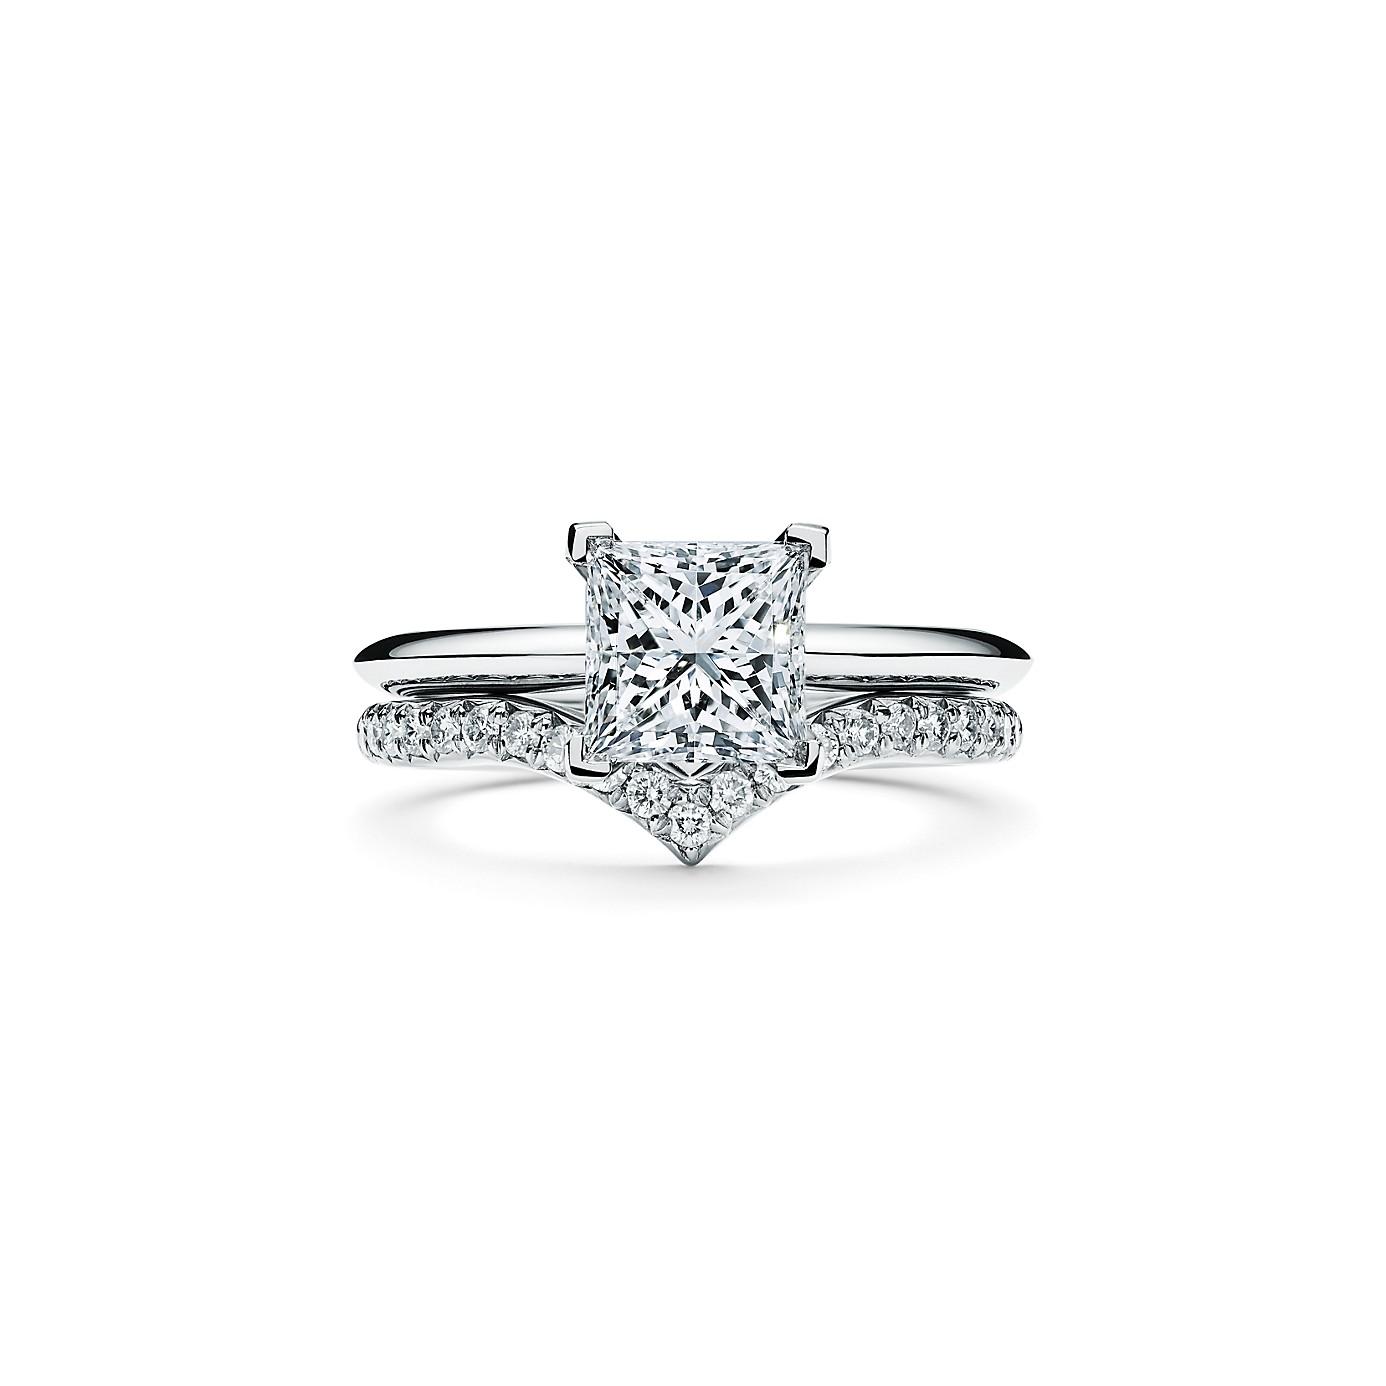 プリンセス カット ダイヤモンド エンゲージメント リング(4)―Tiffany & Co.(ティファニー)